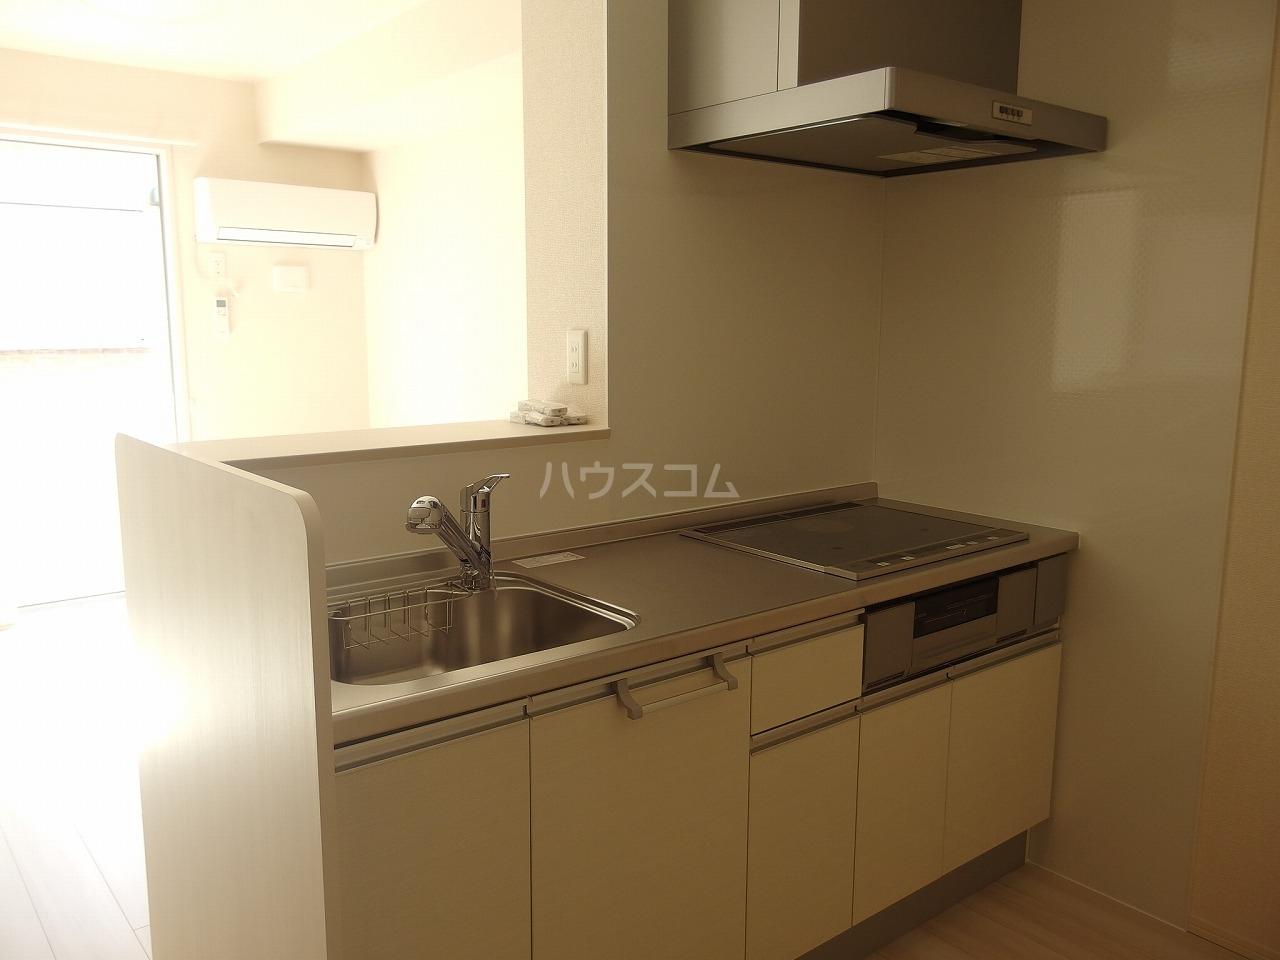 グランメール 102号室のキッチン